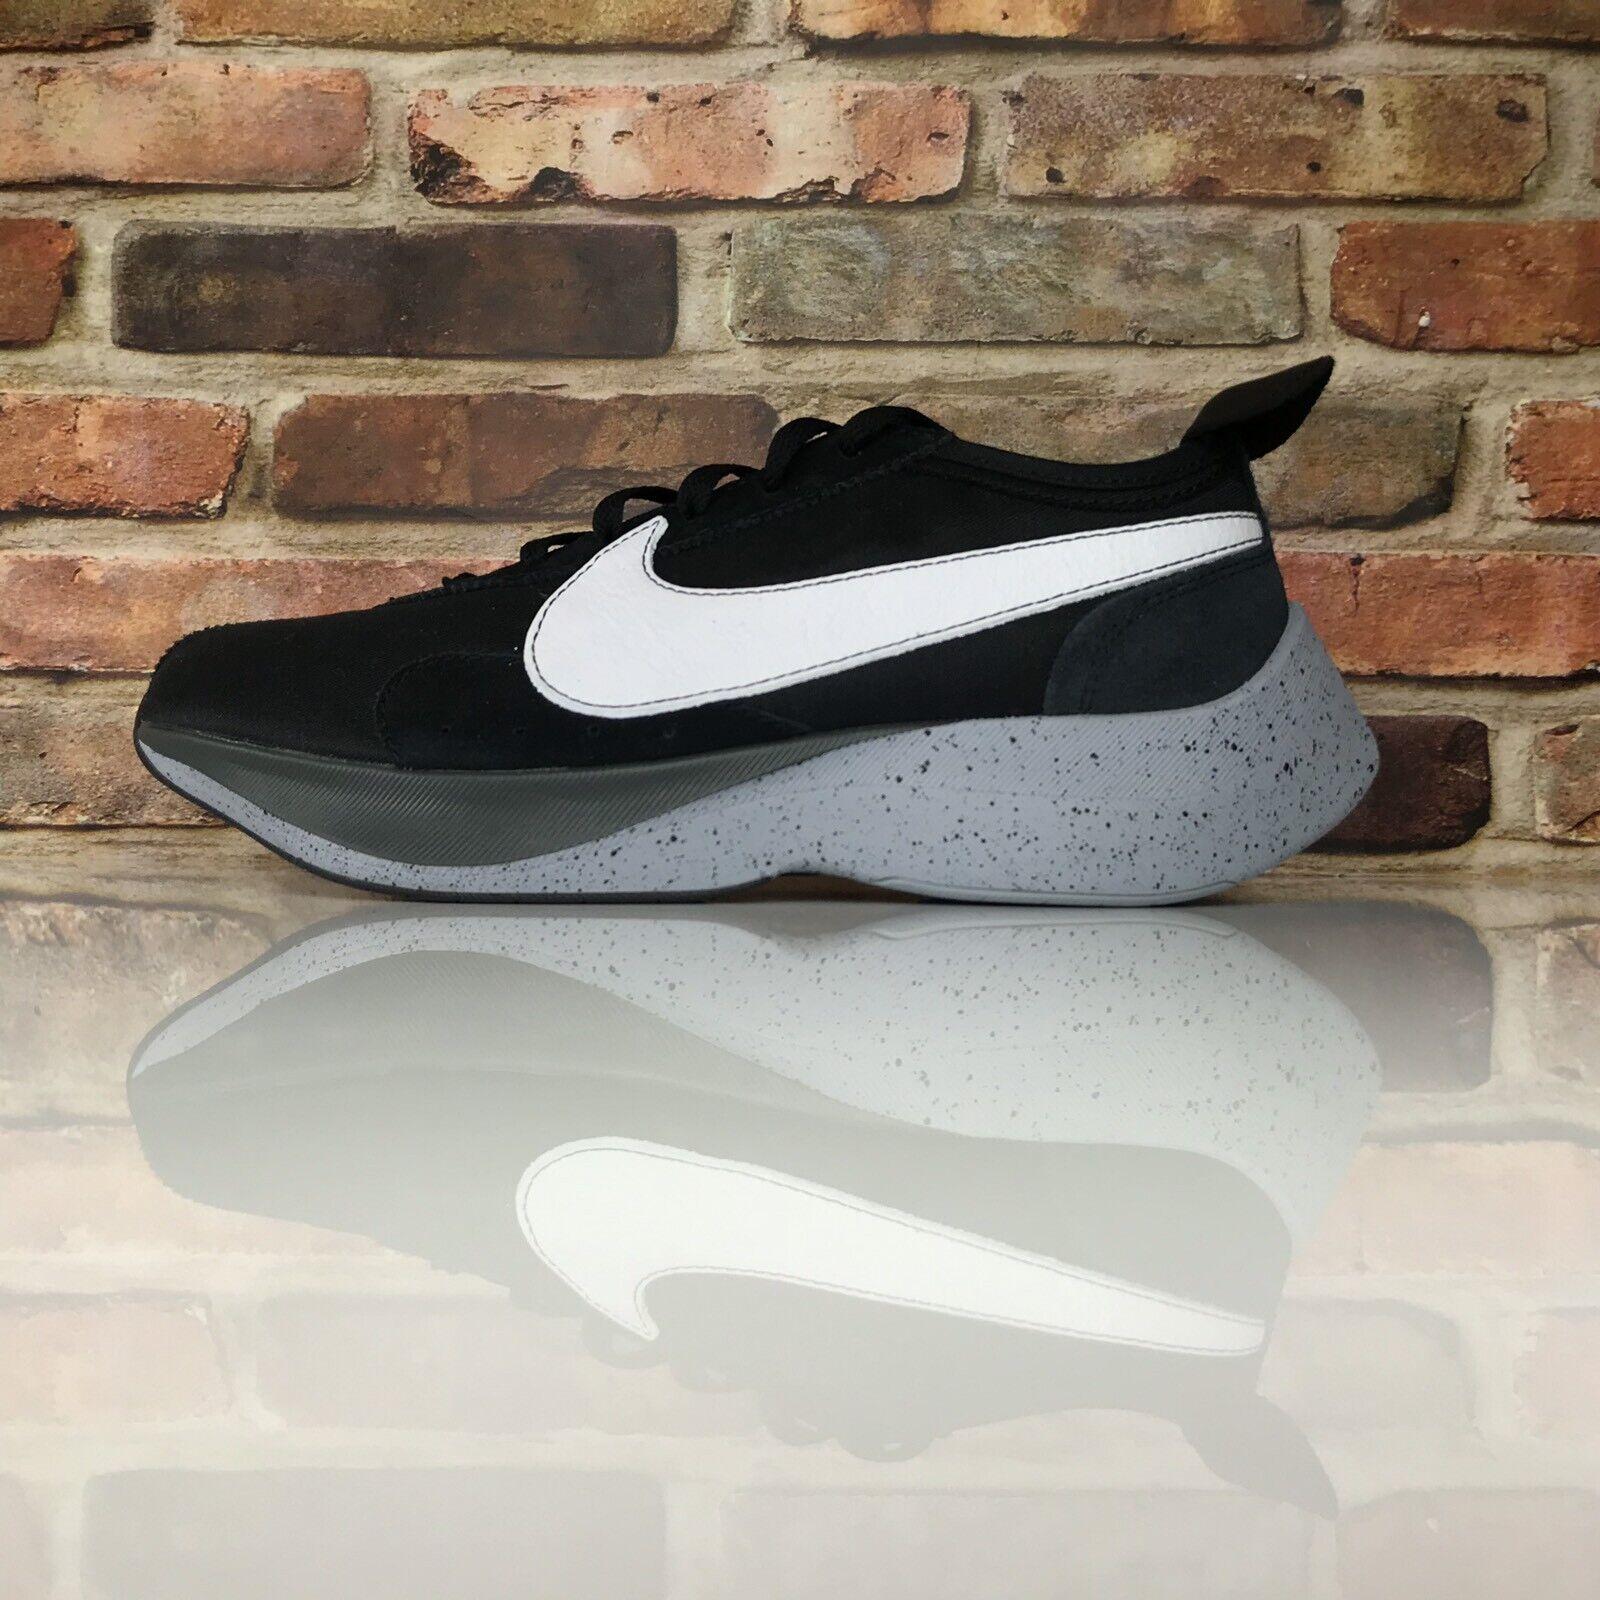 Nike Moon Racer Hombre Talla 9.5 Zapatillas para Correr blancoo y Negro